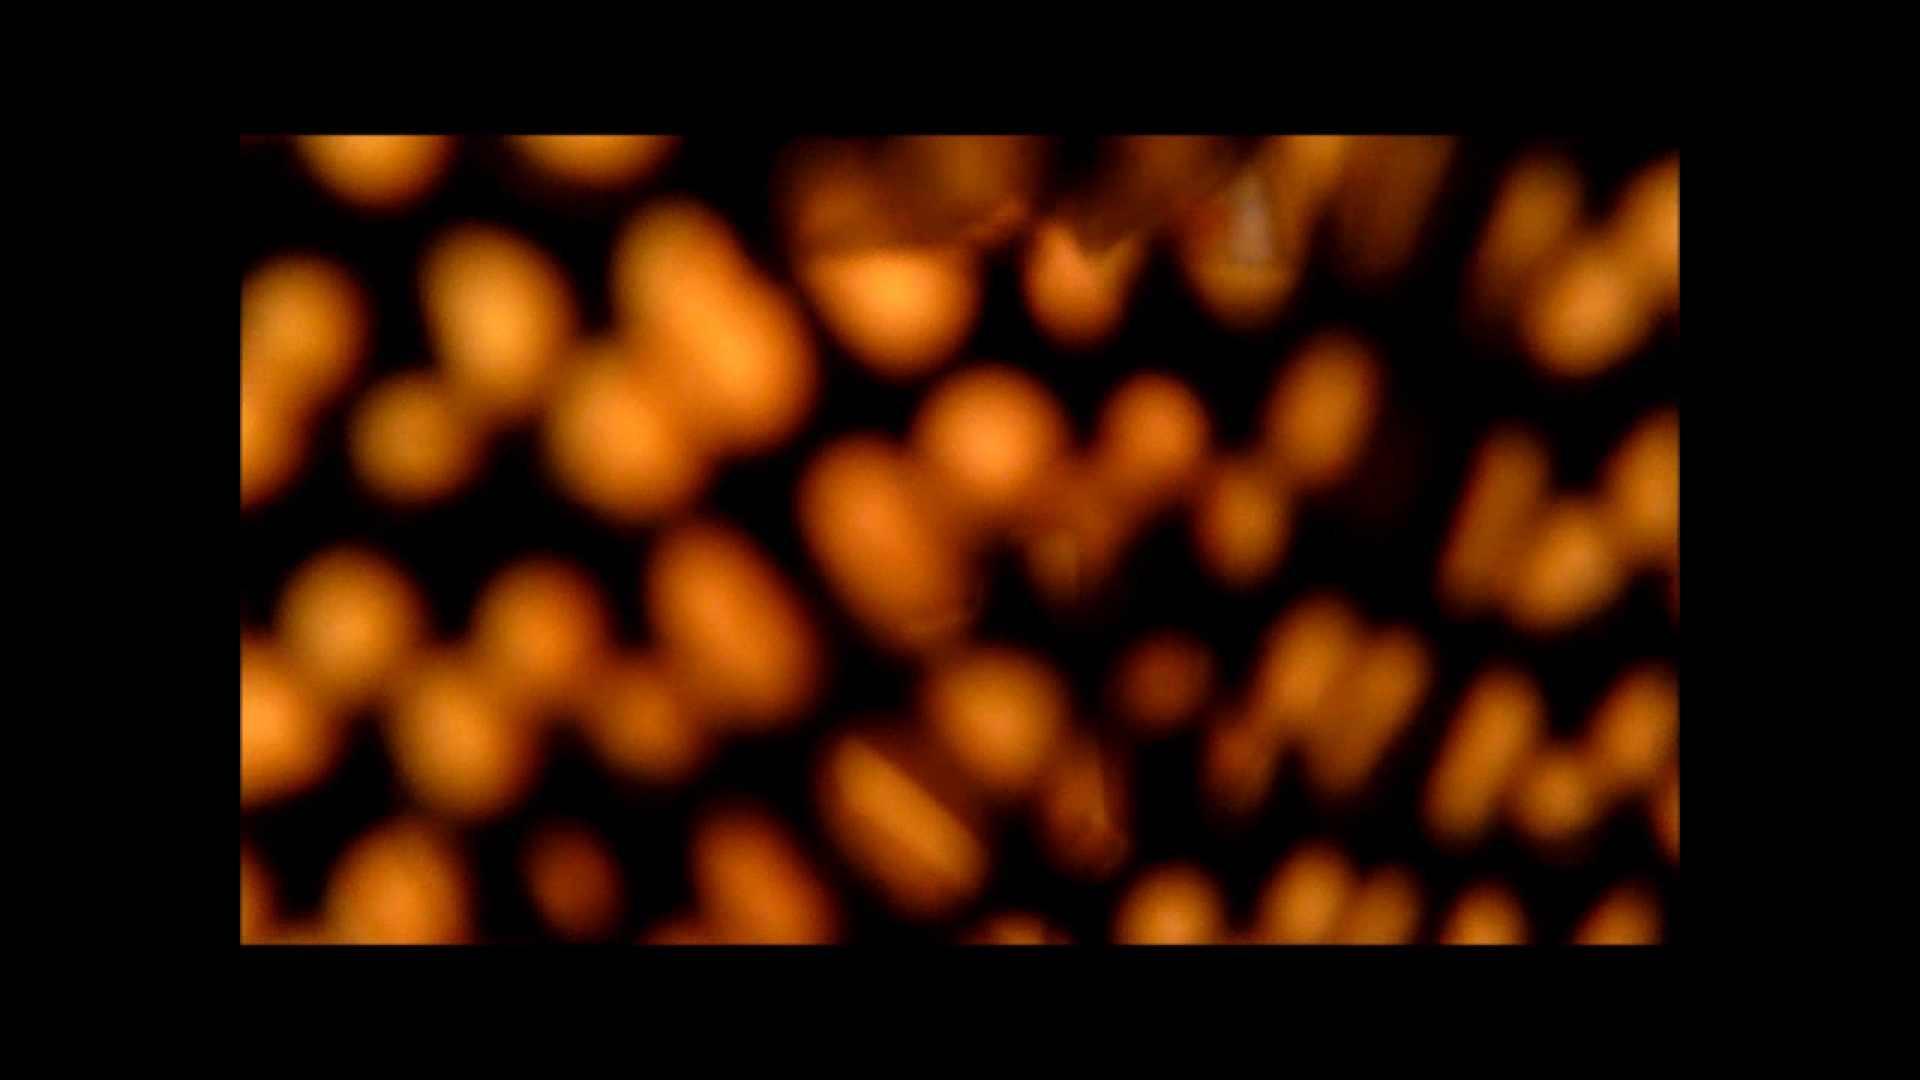 【02】ベランダに侵入して張り込みを始めて・・・やっと結果が出ました。 覗き ヌード画像 79pic 34